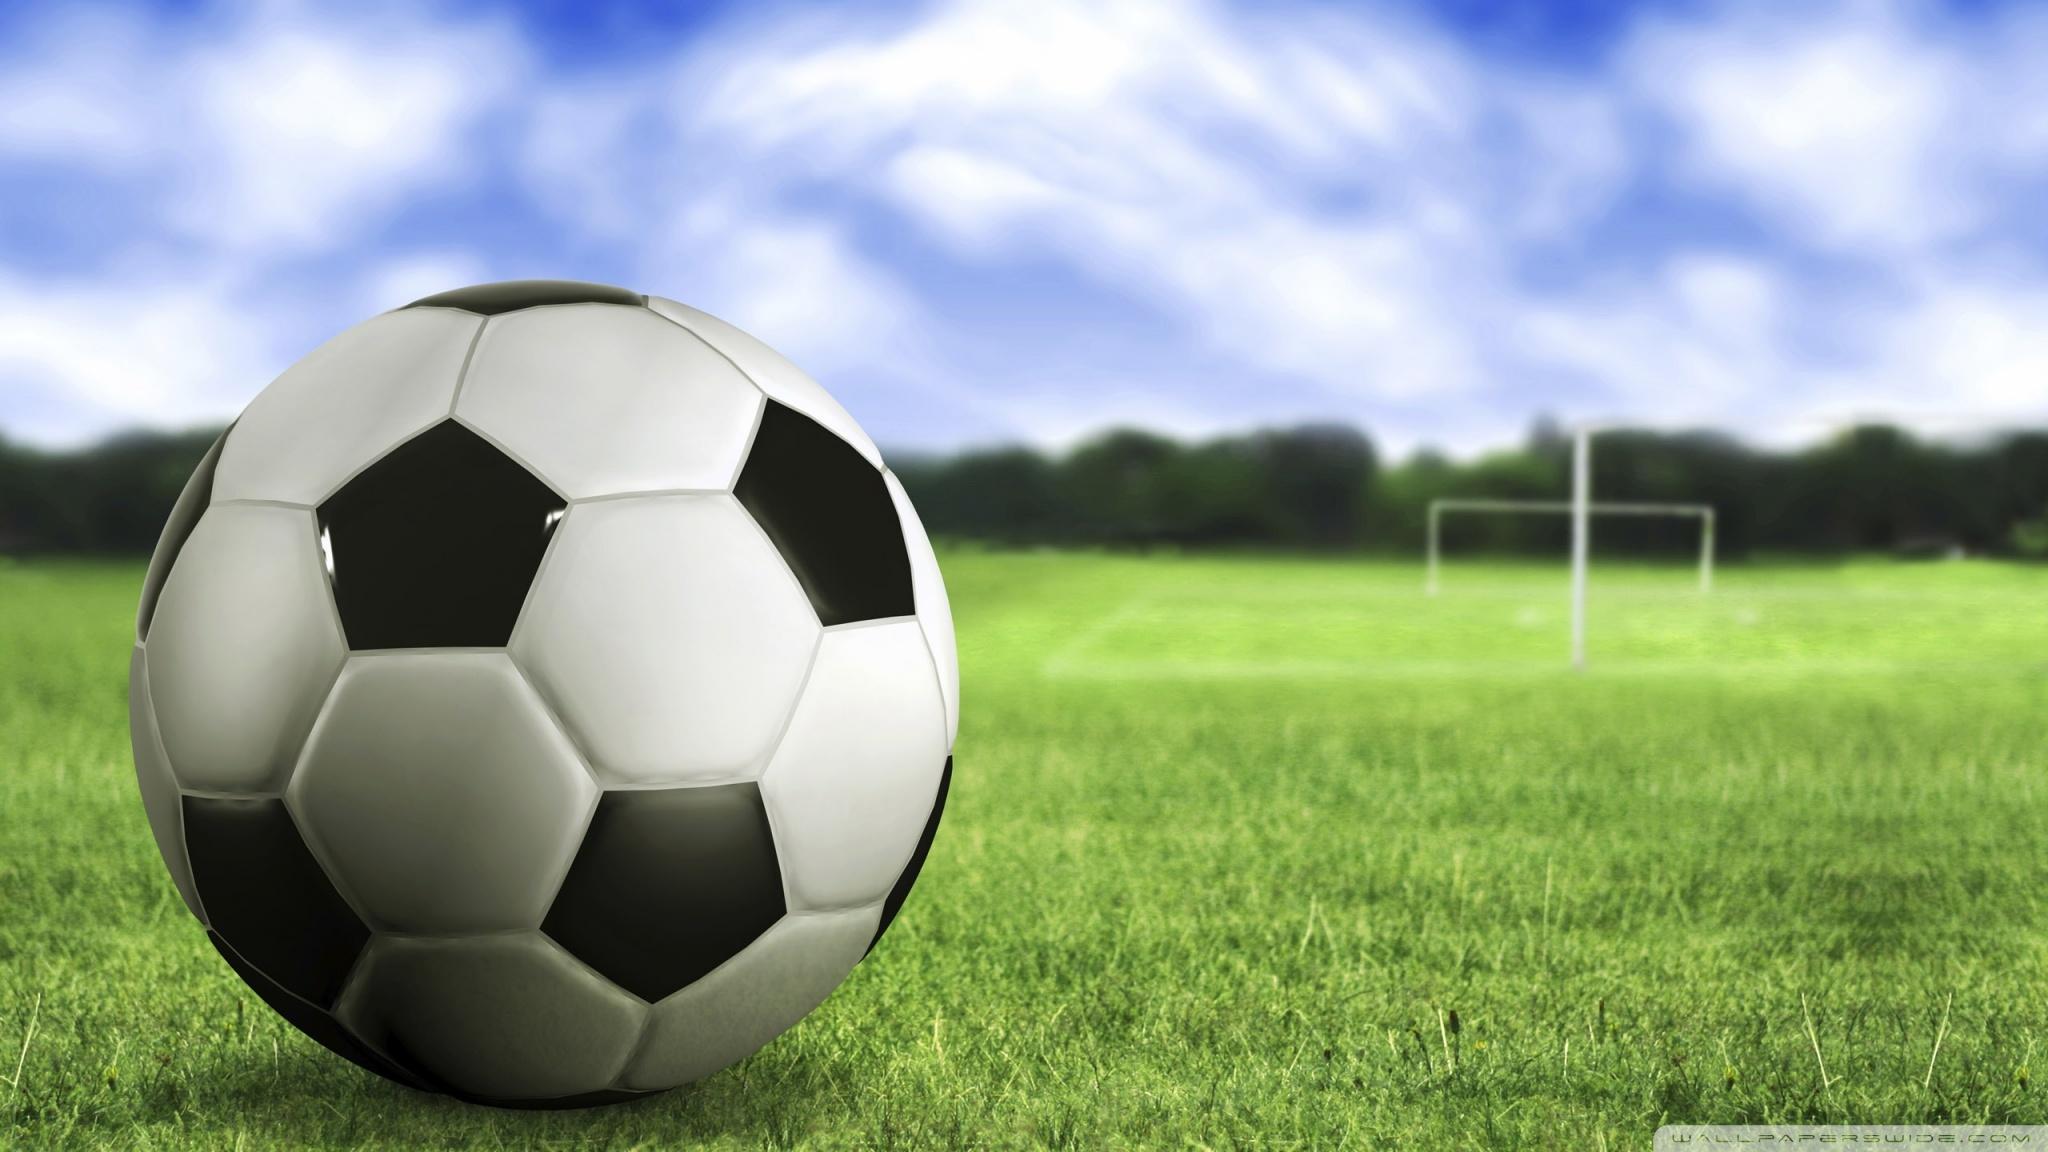 स्पोर्ट्स राउंड अप: एक नजर में पढ़े शनिवार (28 अक्टूबर) की खेल से जुड़ी हर एक बड़ी खबर 13